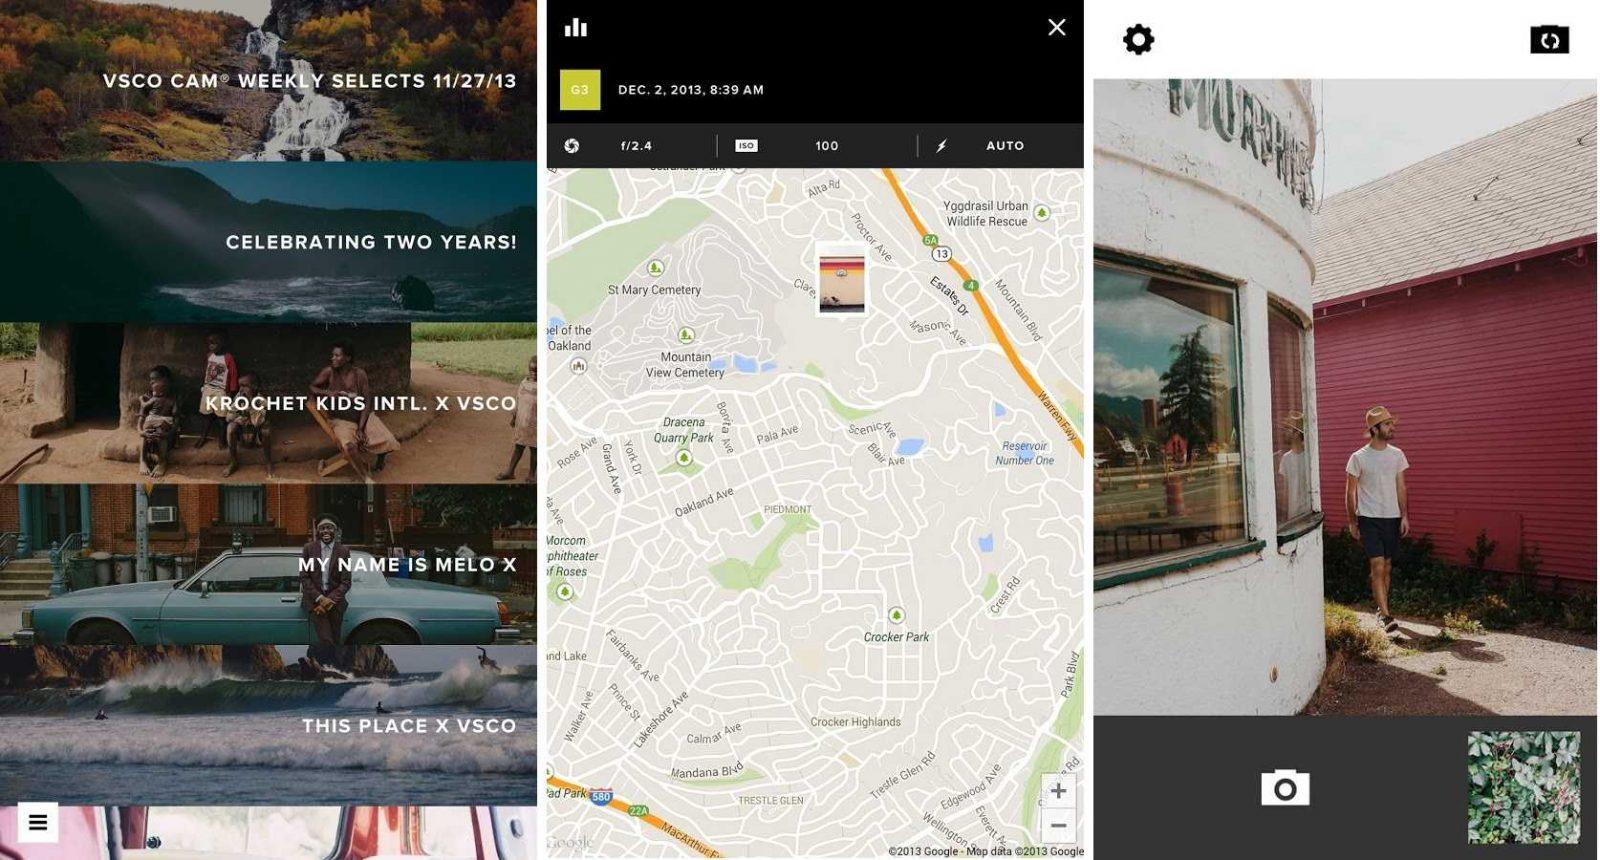 Las 6 mejores aplicaciones Android de fotografía